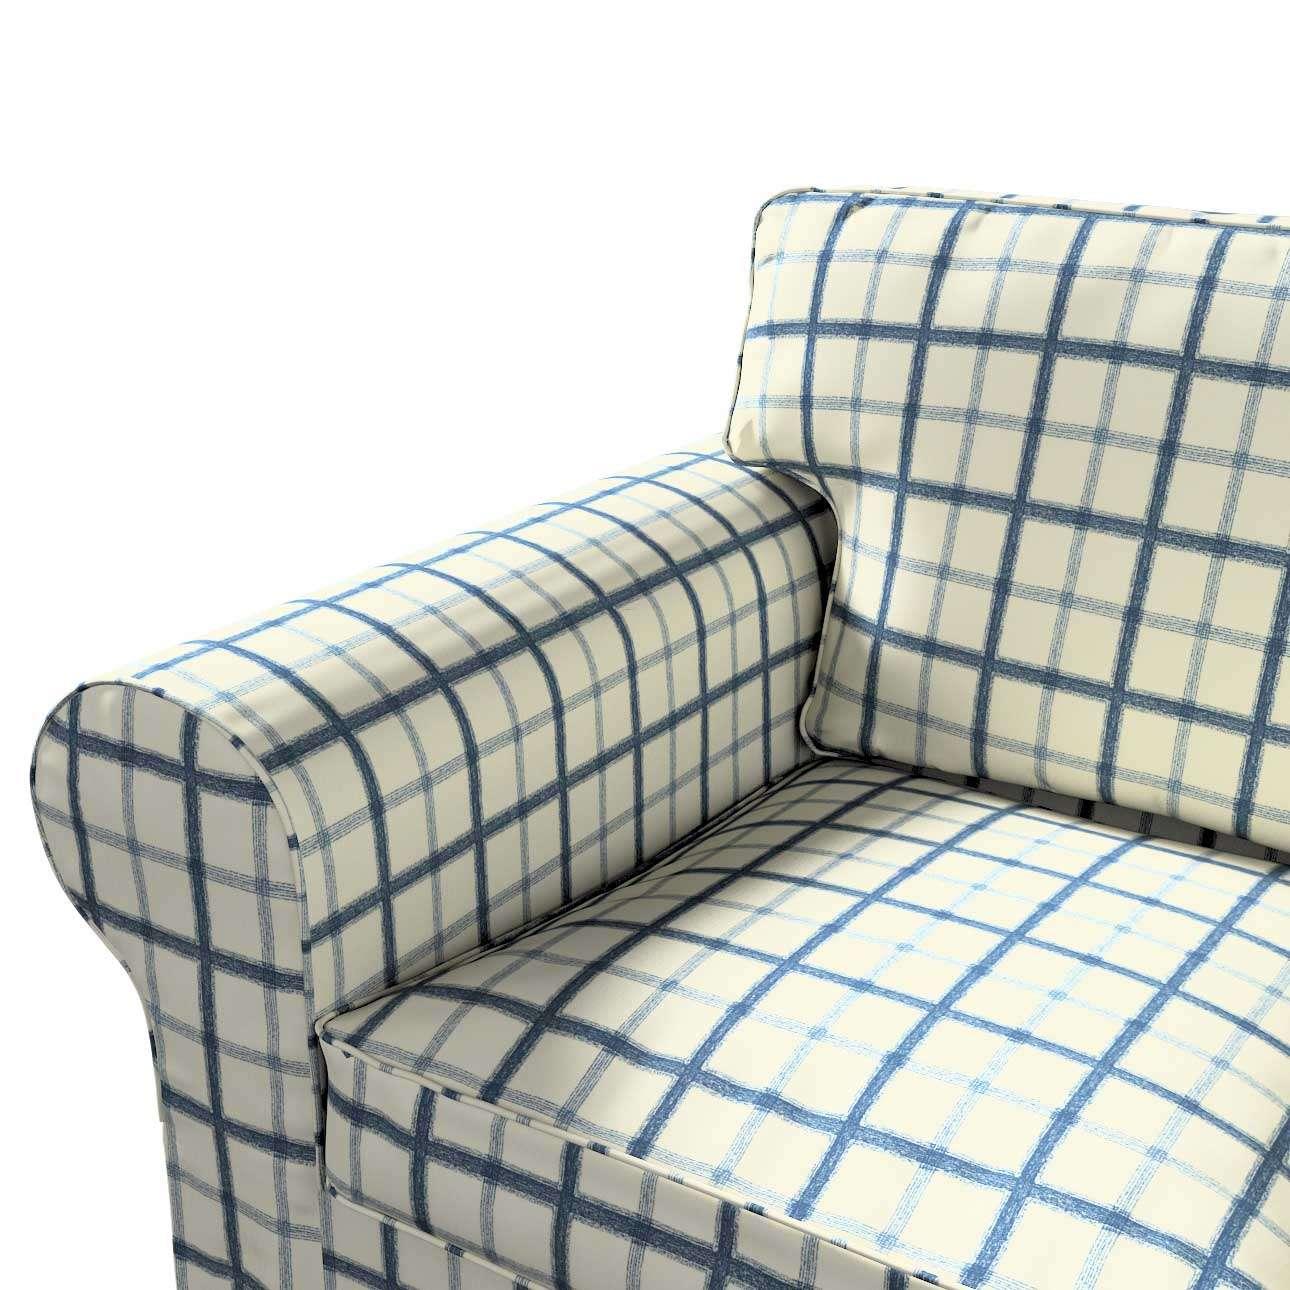 Potah na pohovku IKEA  Ektorp 2-místná, nerozkládací pohovka Ektorp 2-místná v kolekci Avignon, látka: 131-66